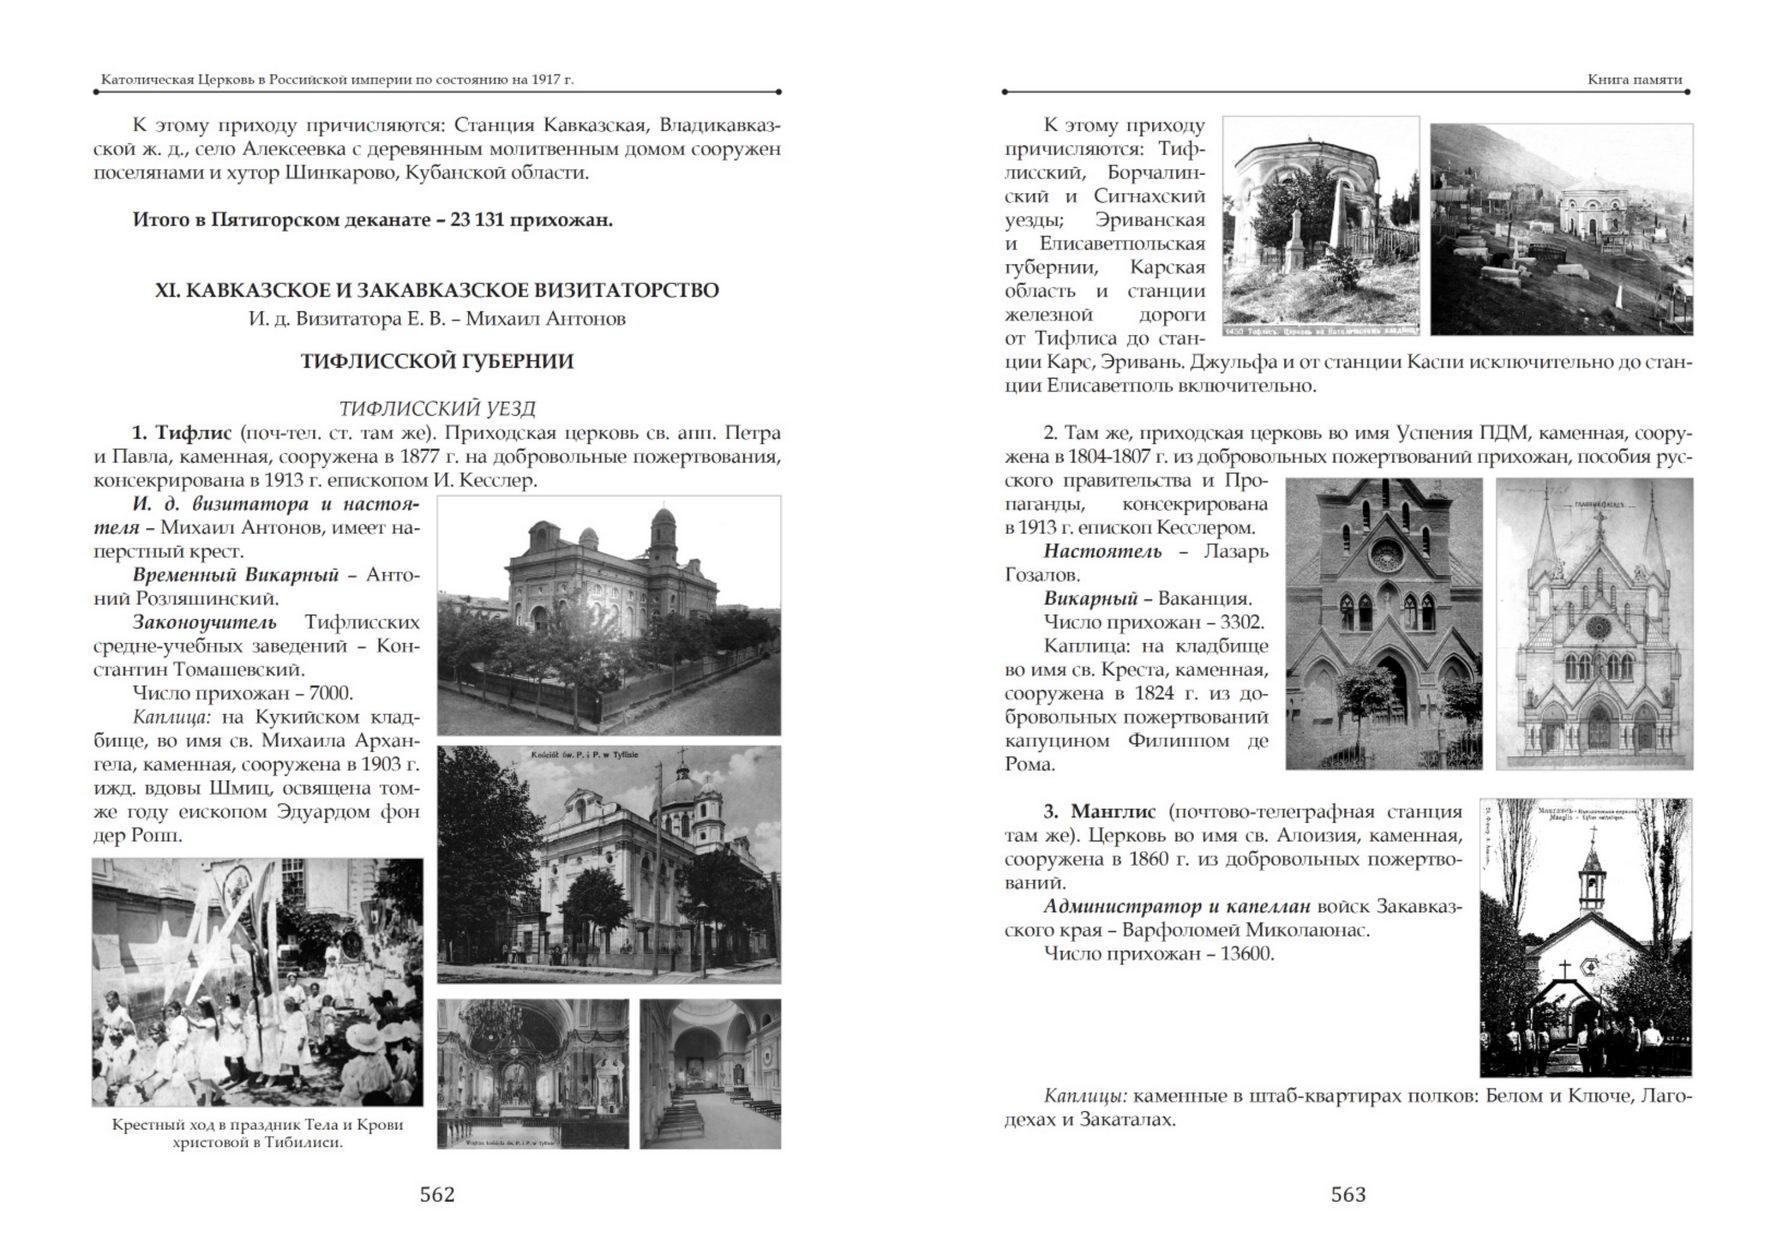 Издана книга, посвященная Католической Церкви в России накануне революции 1917 года и в Советский период 11